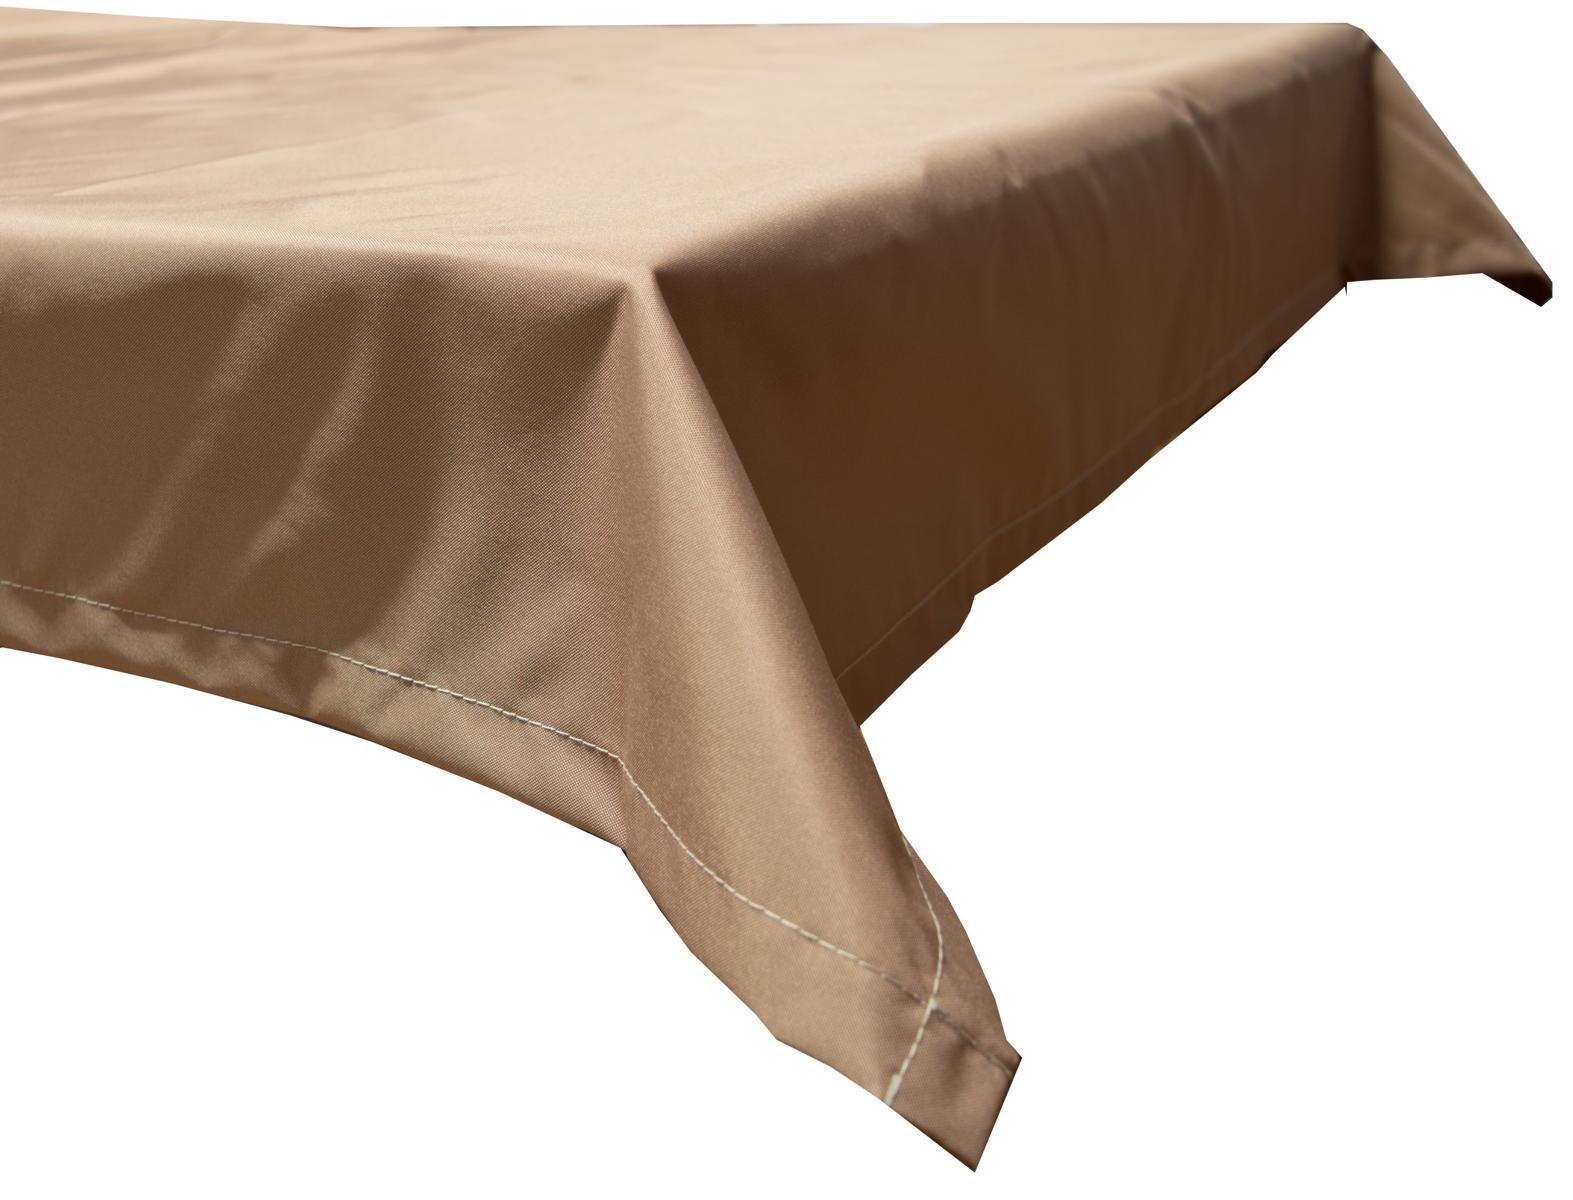 130x230 cm wasserabweisende Tischdecke 100% Polyester in sand